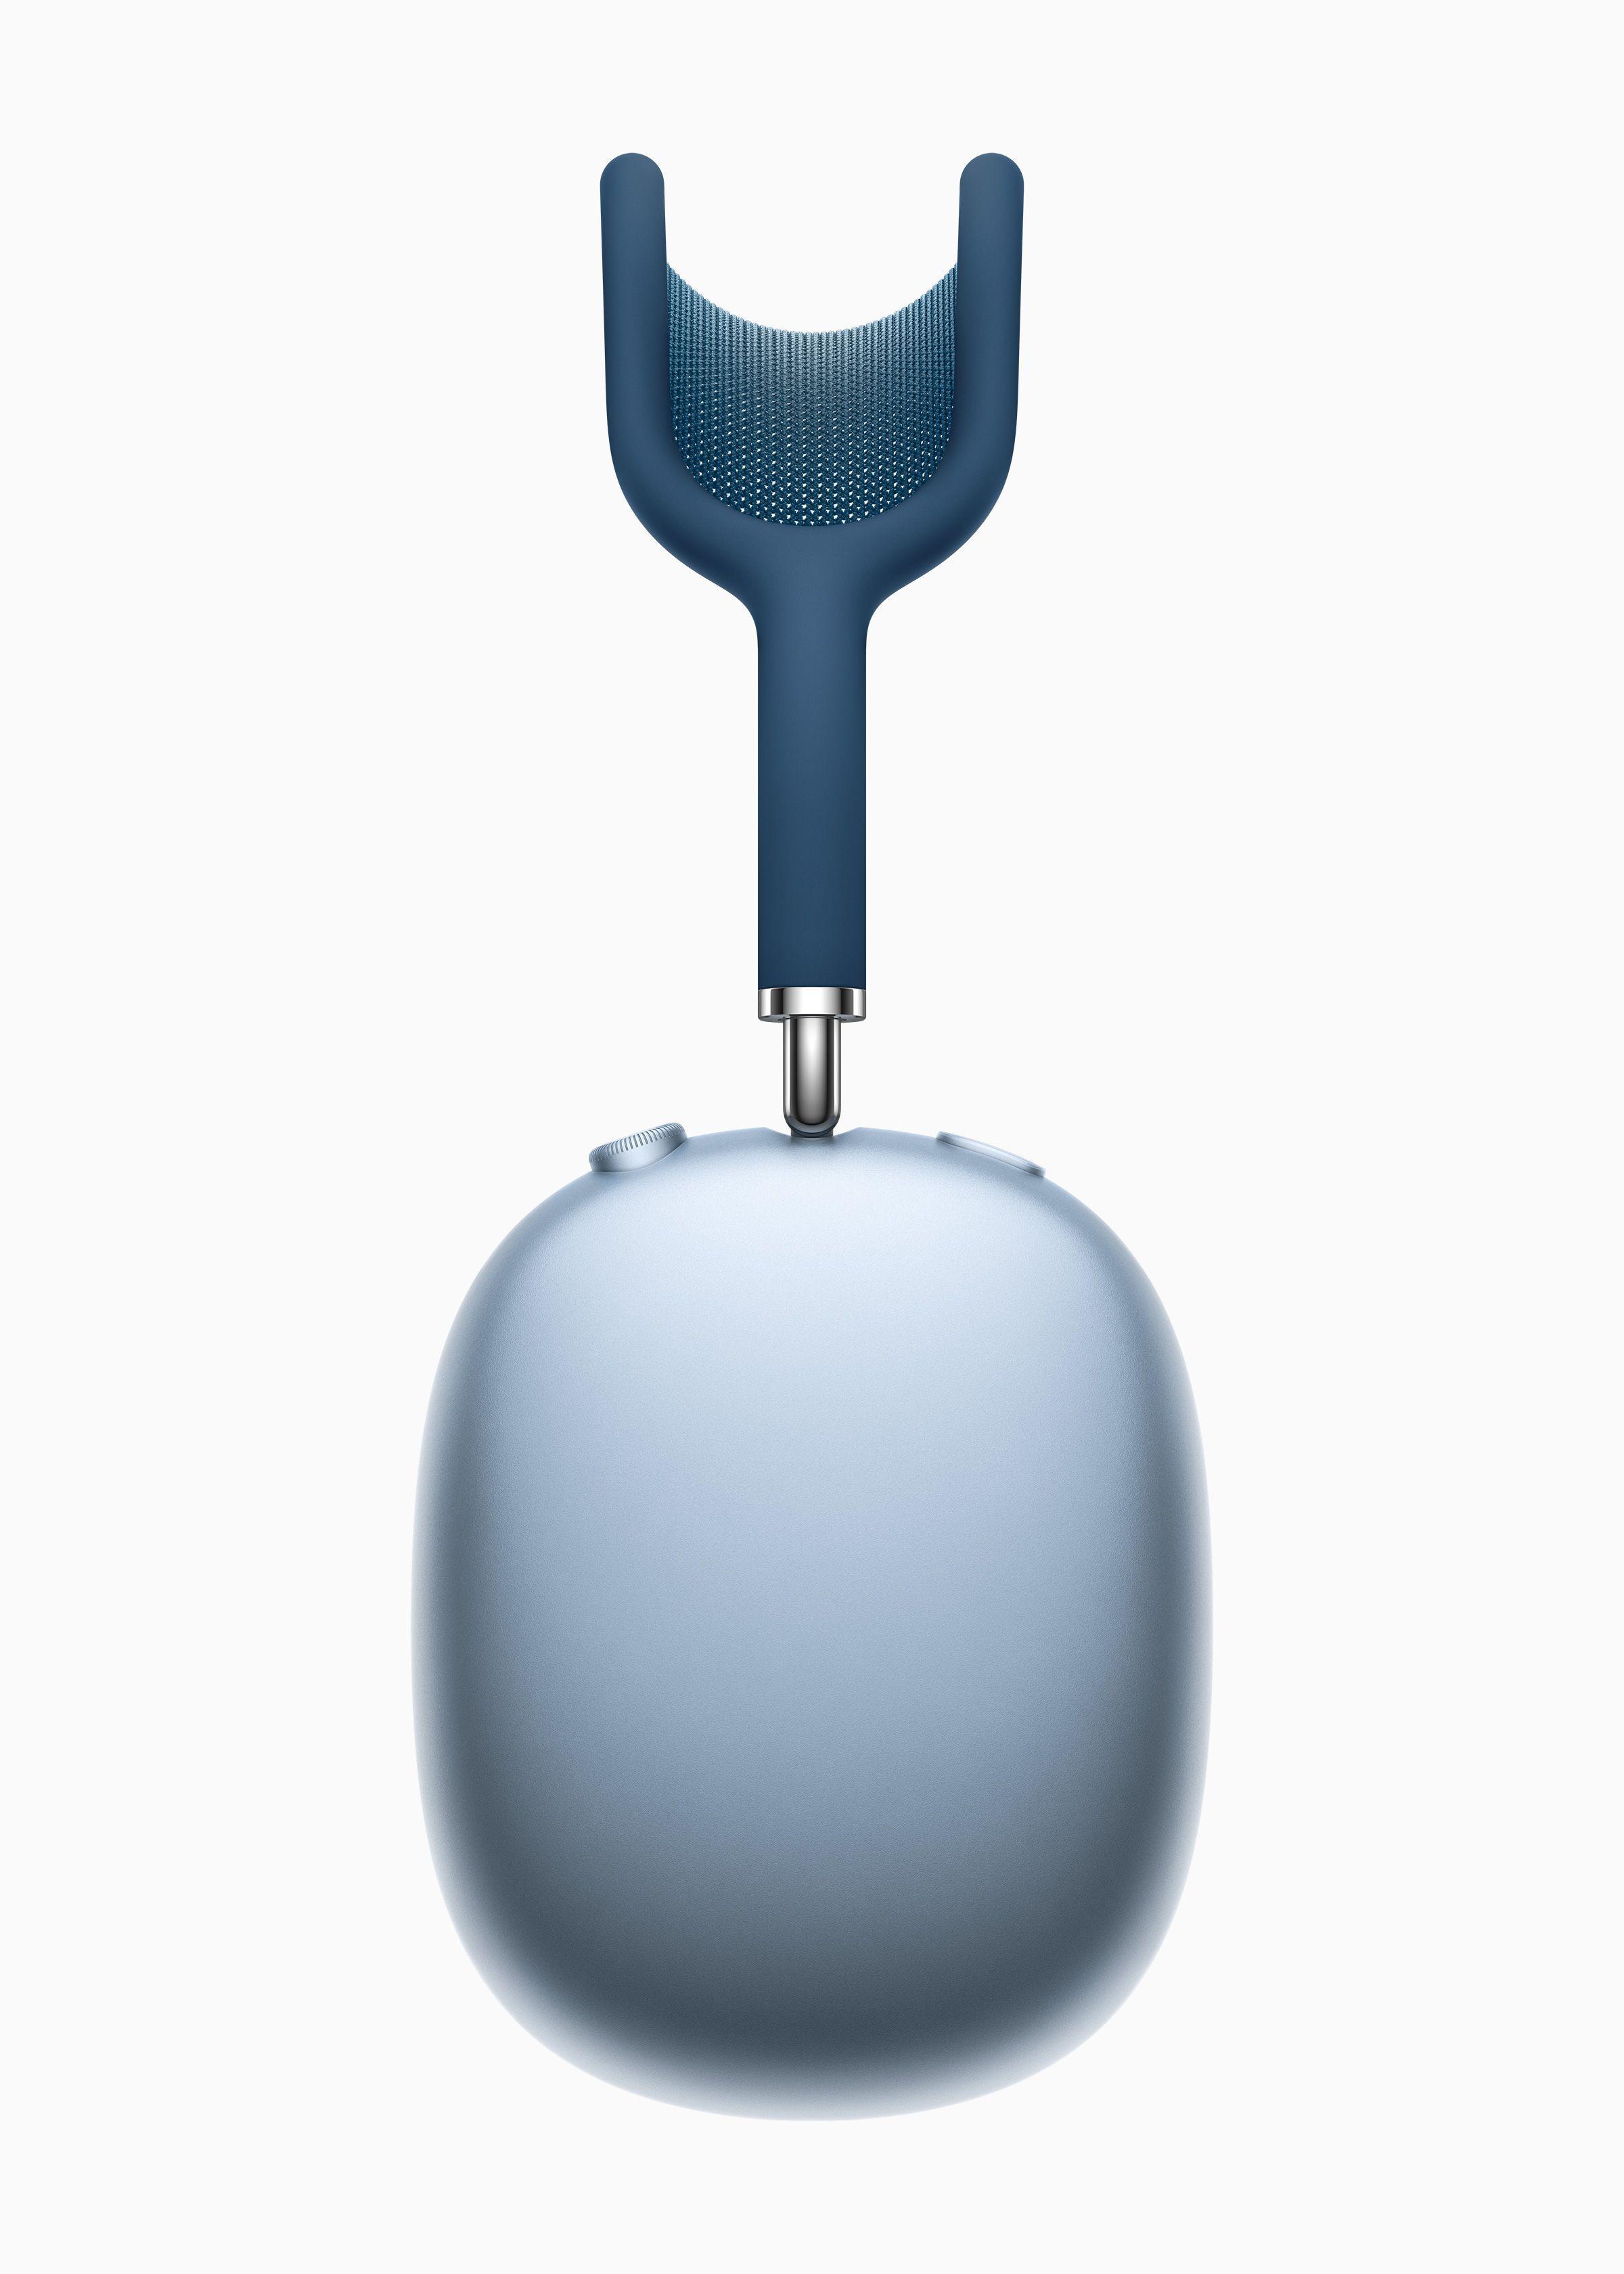 Apple v tichosti uviedol svoje prvé veľké slúchadlá AirPods Max. Aj cena je max